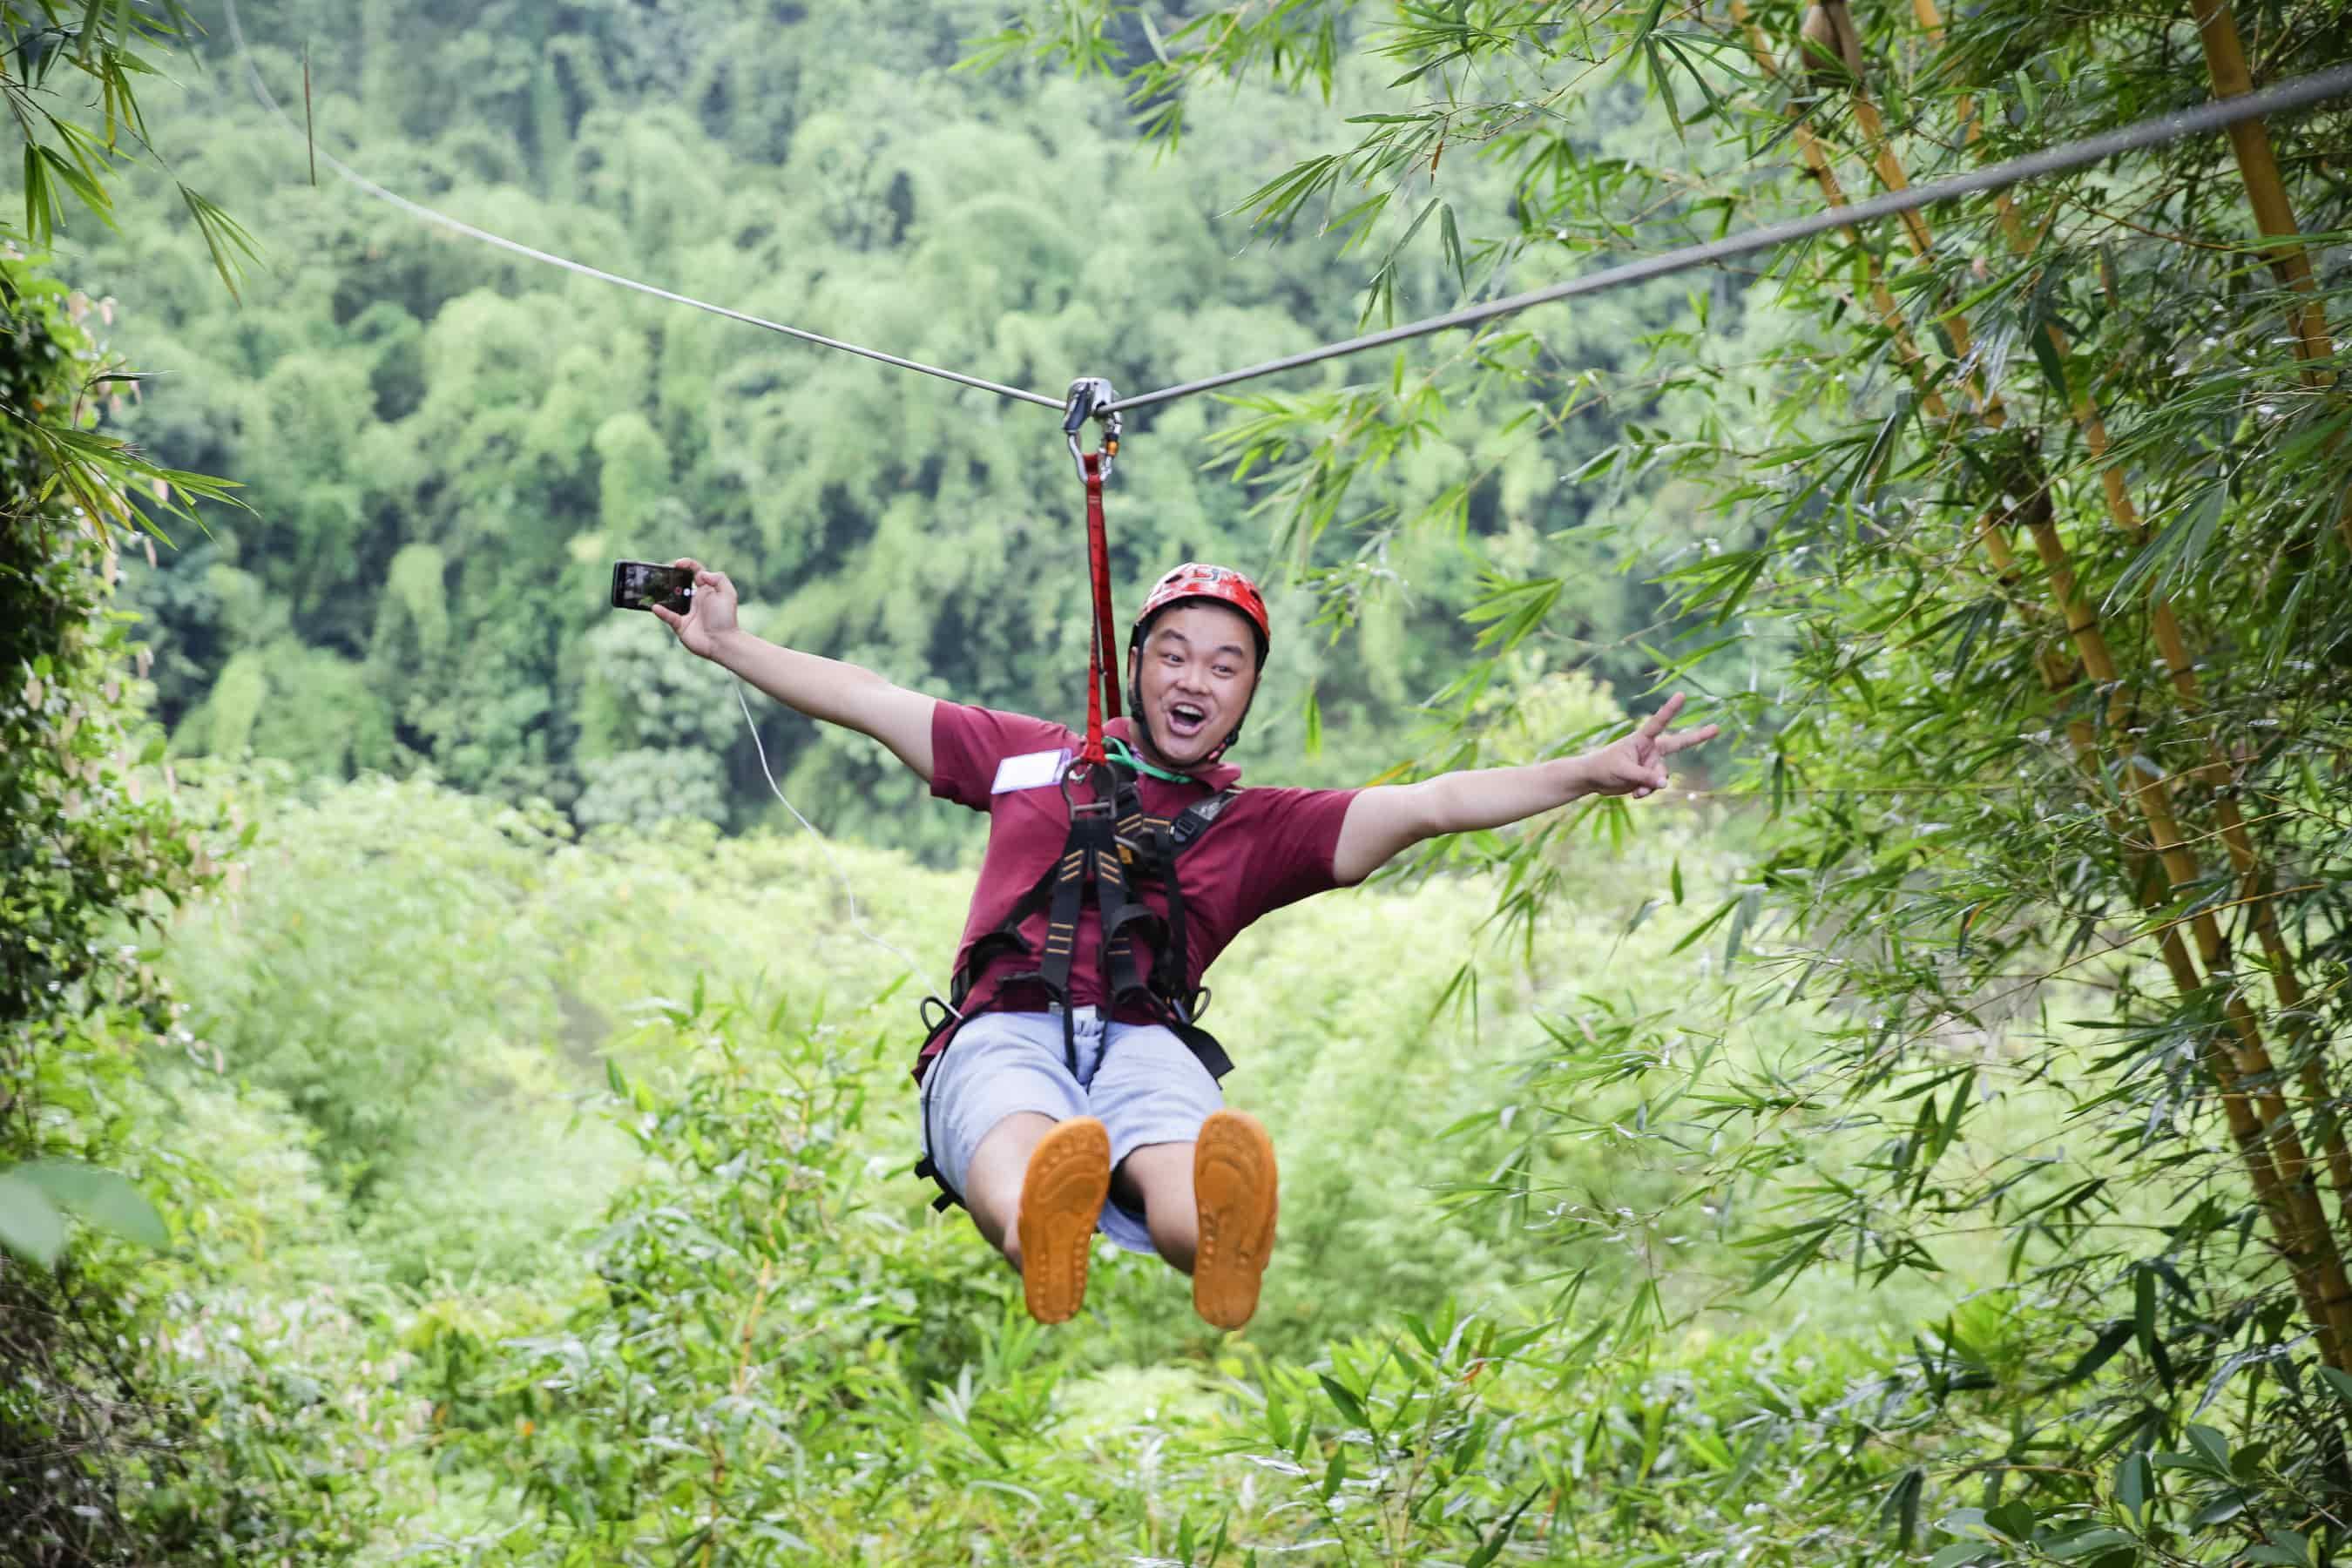 zipline tại khu du lịch sinh thái cao minh đồng nai